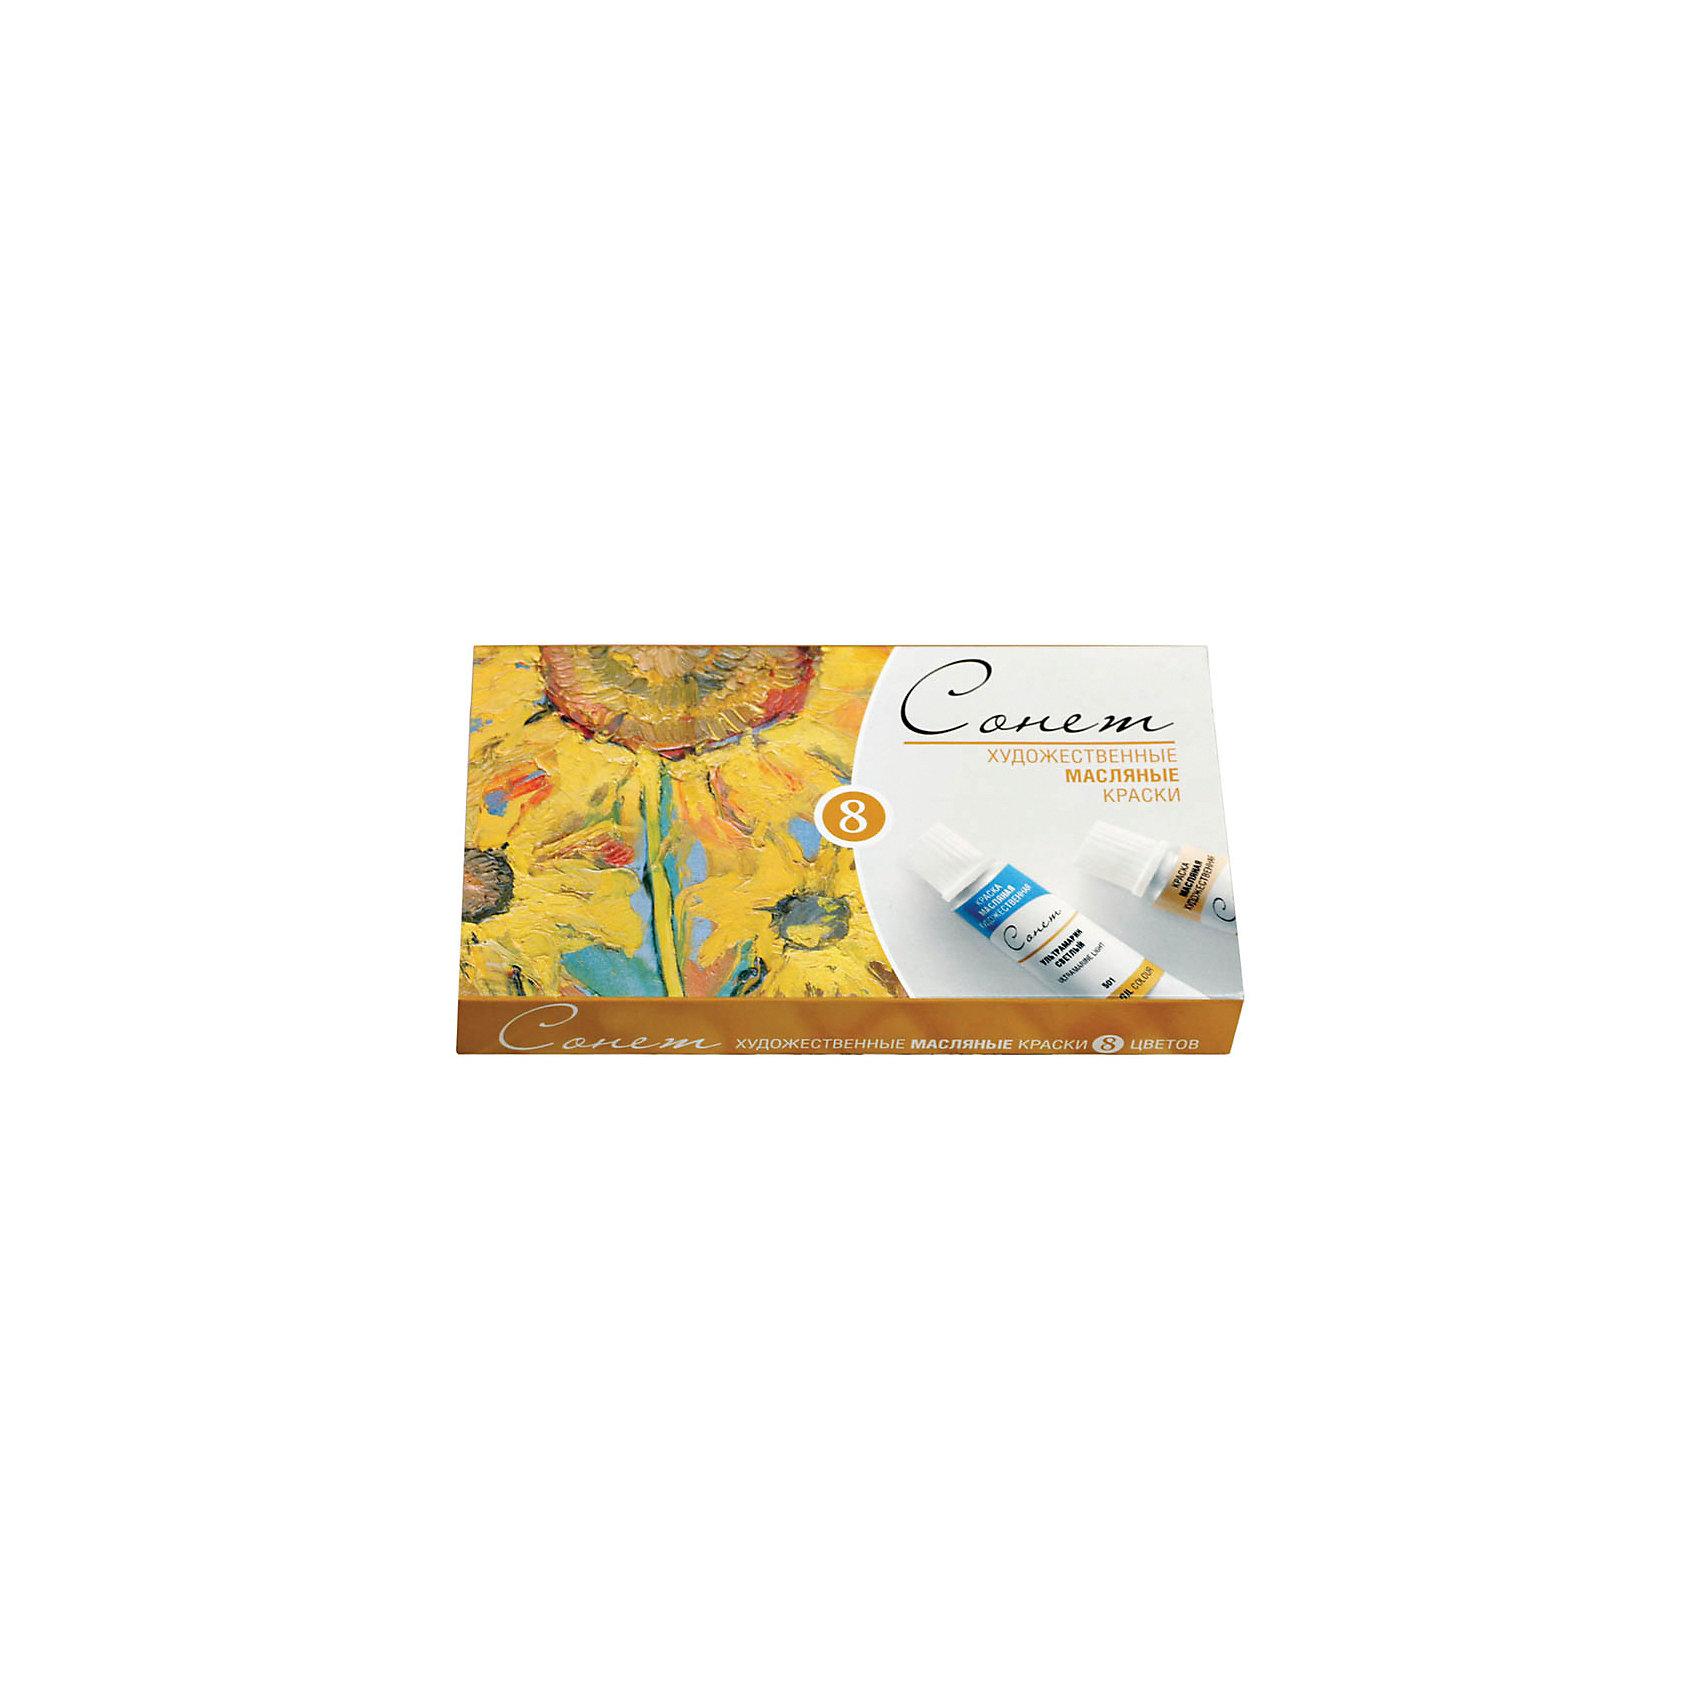 Краски масляные 8 цветов Сонет, 10мл/тубаХудожественные краски<br>Тип: масло<br>Количество цветов: 8 <br>Емкость: туба<br>Объем общий: 80<br>Объем емкости: 10<br>Упаковка ед. товара: картонная коробка<br>Наличие европодвеса: нет<br>Набор художественных масляных красок, 8 цветов.<br><br>Ширина мм: 155<br>Глубина мм: 90<br>Высота мм: 20<br>Вес г: 210<br>Возраст от месяцев: 84<br>Возраст до месяцев: 2147483647<br>Пол: Унисекс<br>Возраст: Детский<br>SKU: 7044230